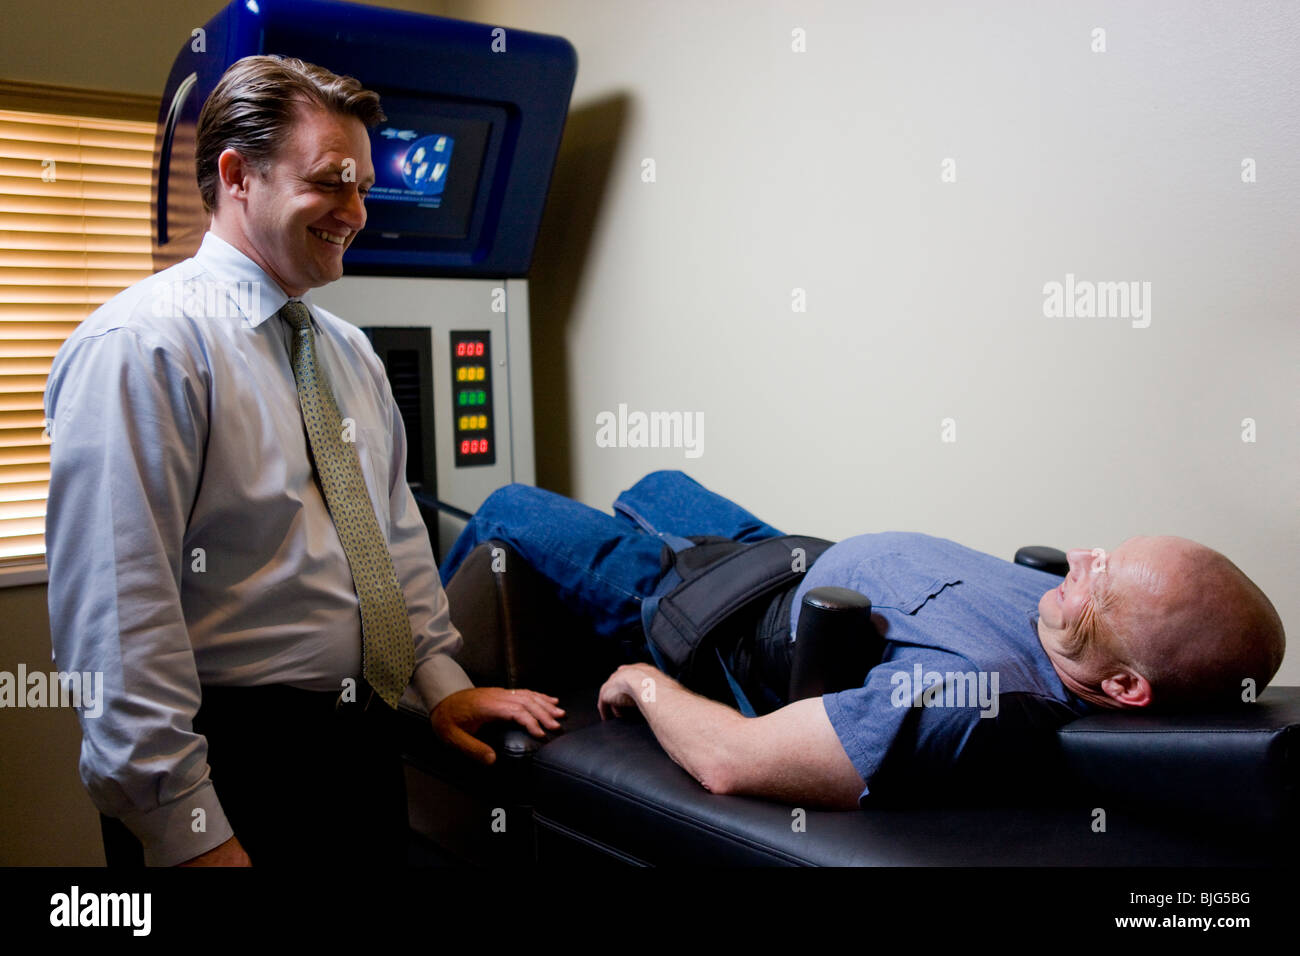 Mann immer Behandlung auf eine Chiropraktik-Maschine Stockbild